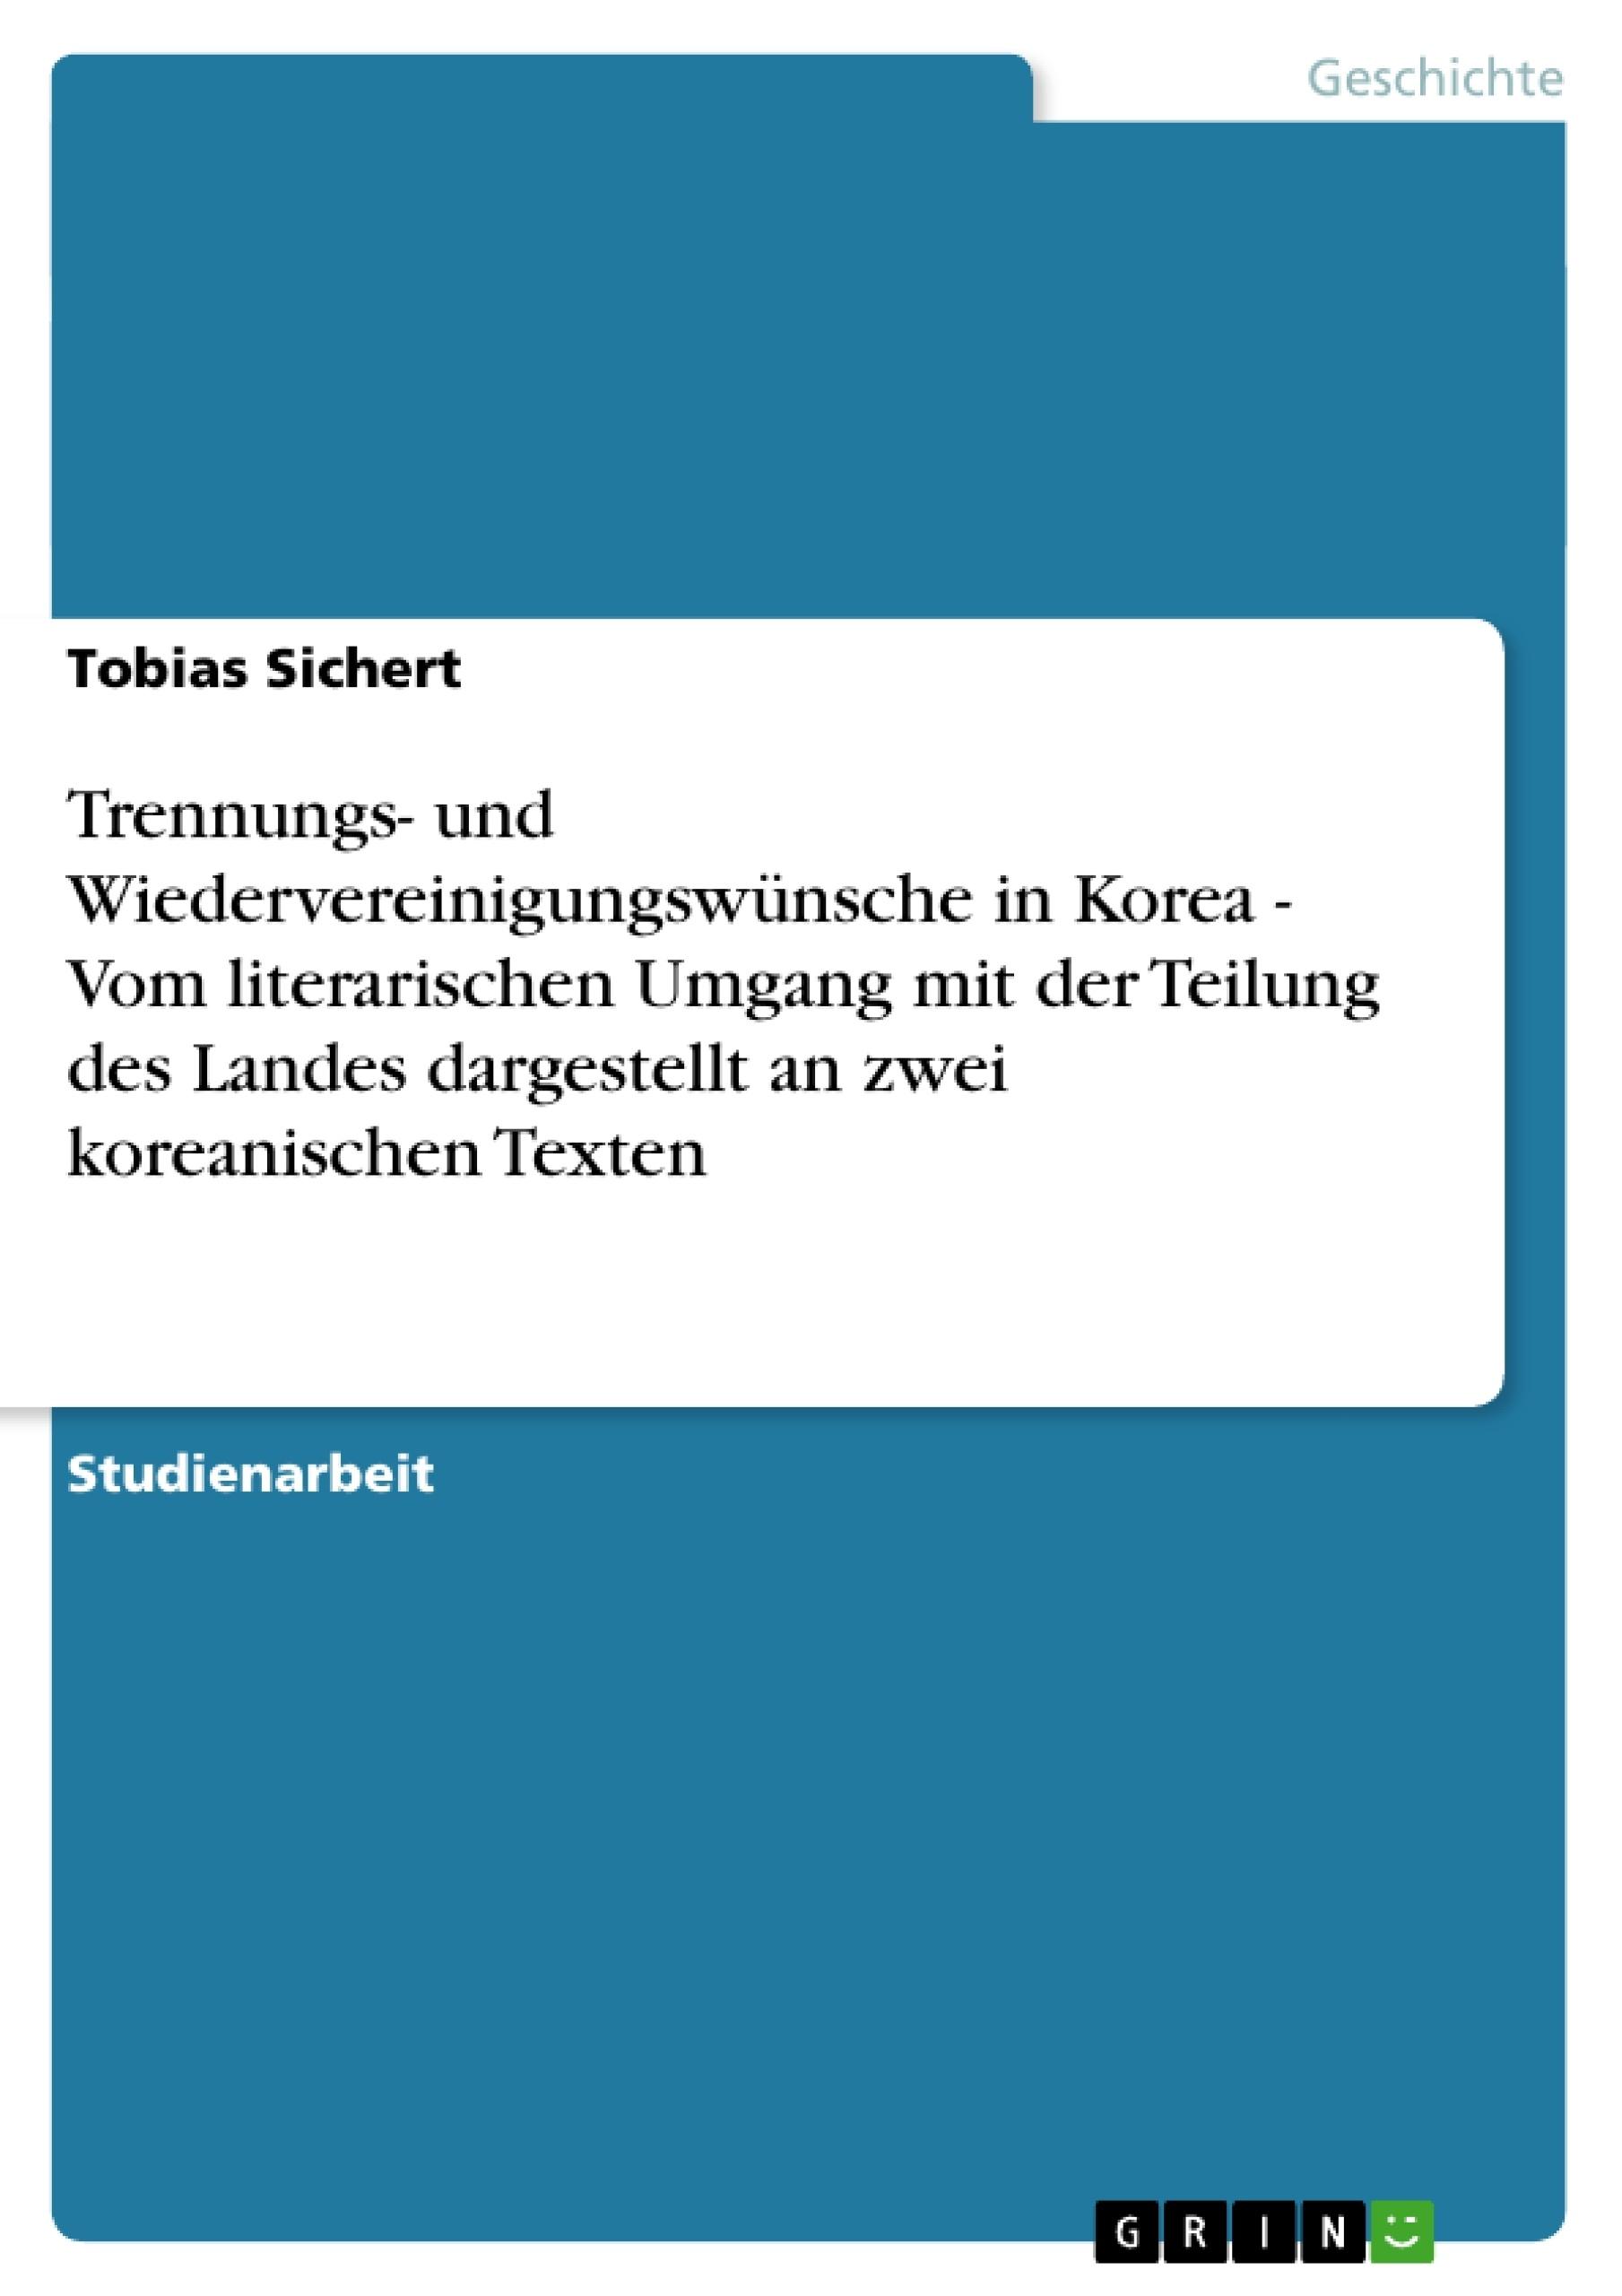 Titel: Trennungs- und Wiedervereinigungswünsche in Korea - Vom literarischen Umgang mit der Teilung des Landes dargestellt an zwei koreanischen Texten